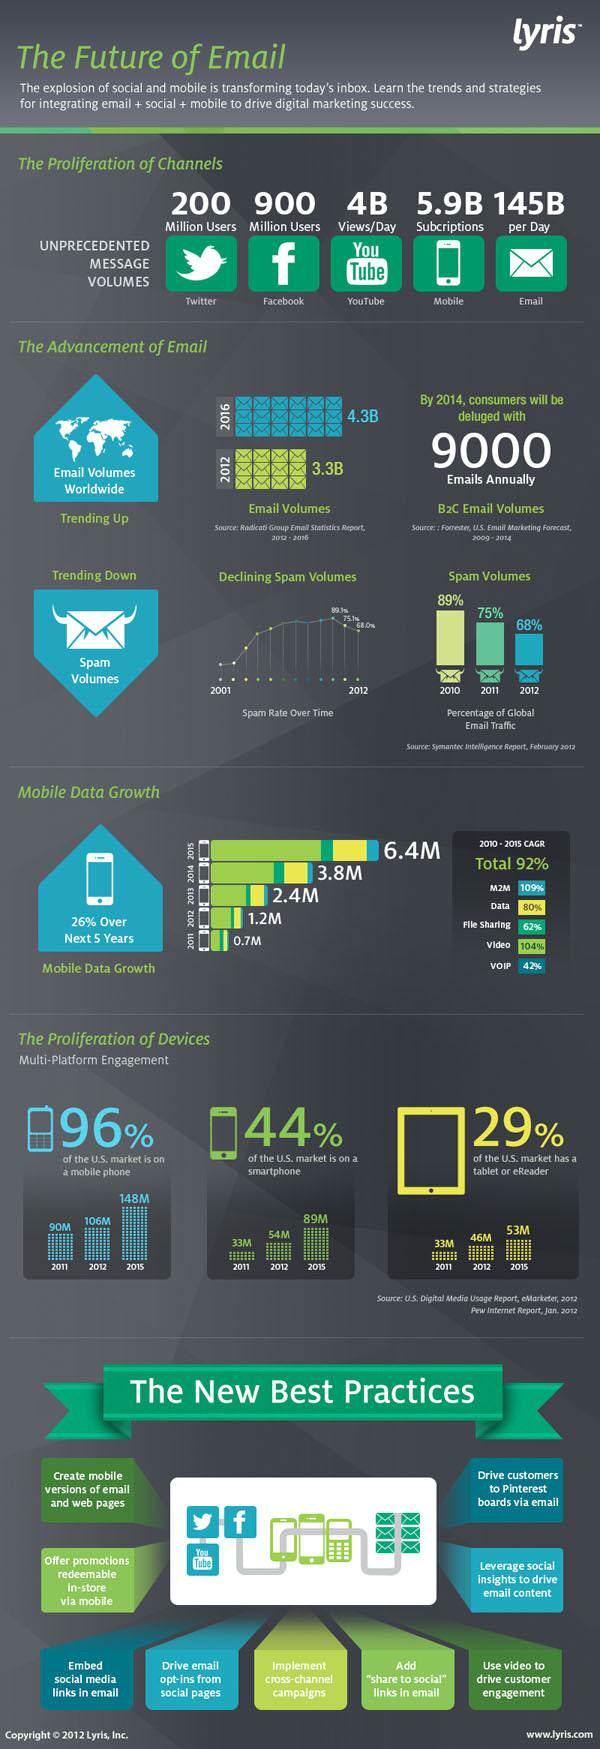 2014'te Tüketiciler Yıllık Ortalama 9.000 Mail Alacak [İnfografik]